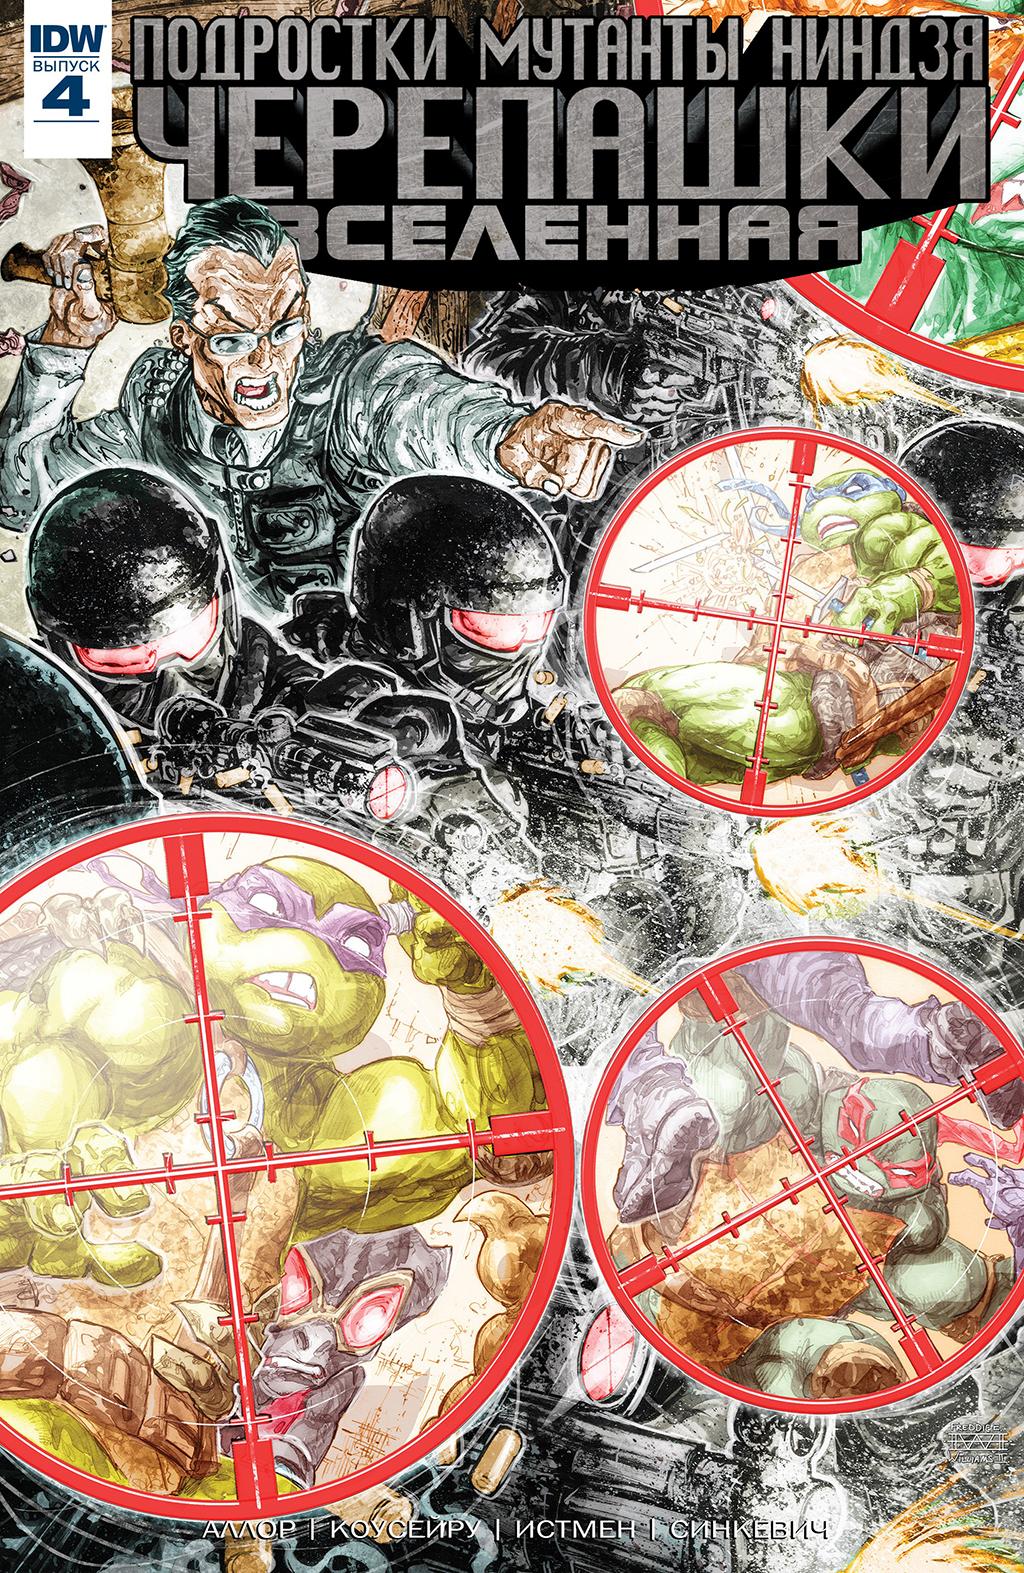 Комикс Подростки Мутанты Ниндзя Черепашки Вселенная